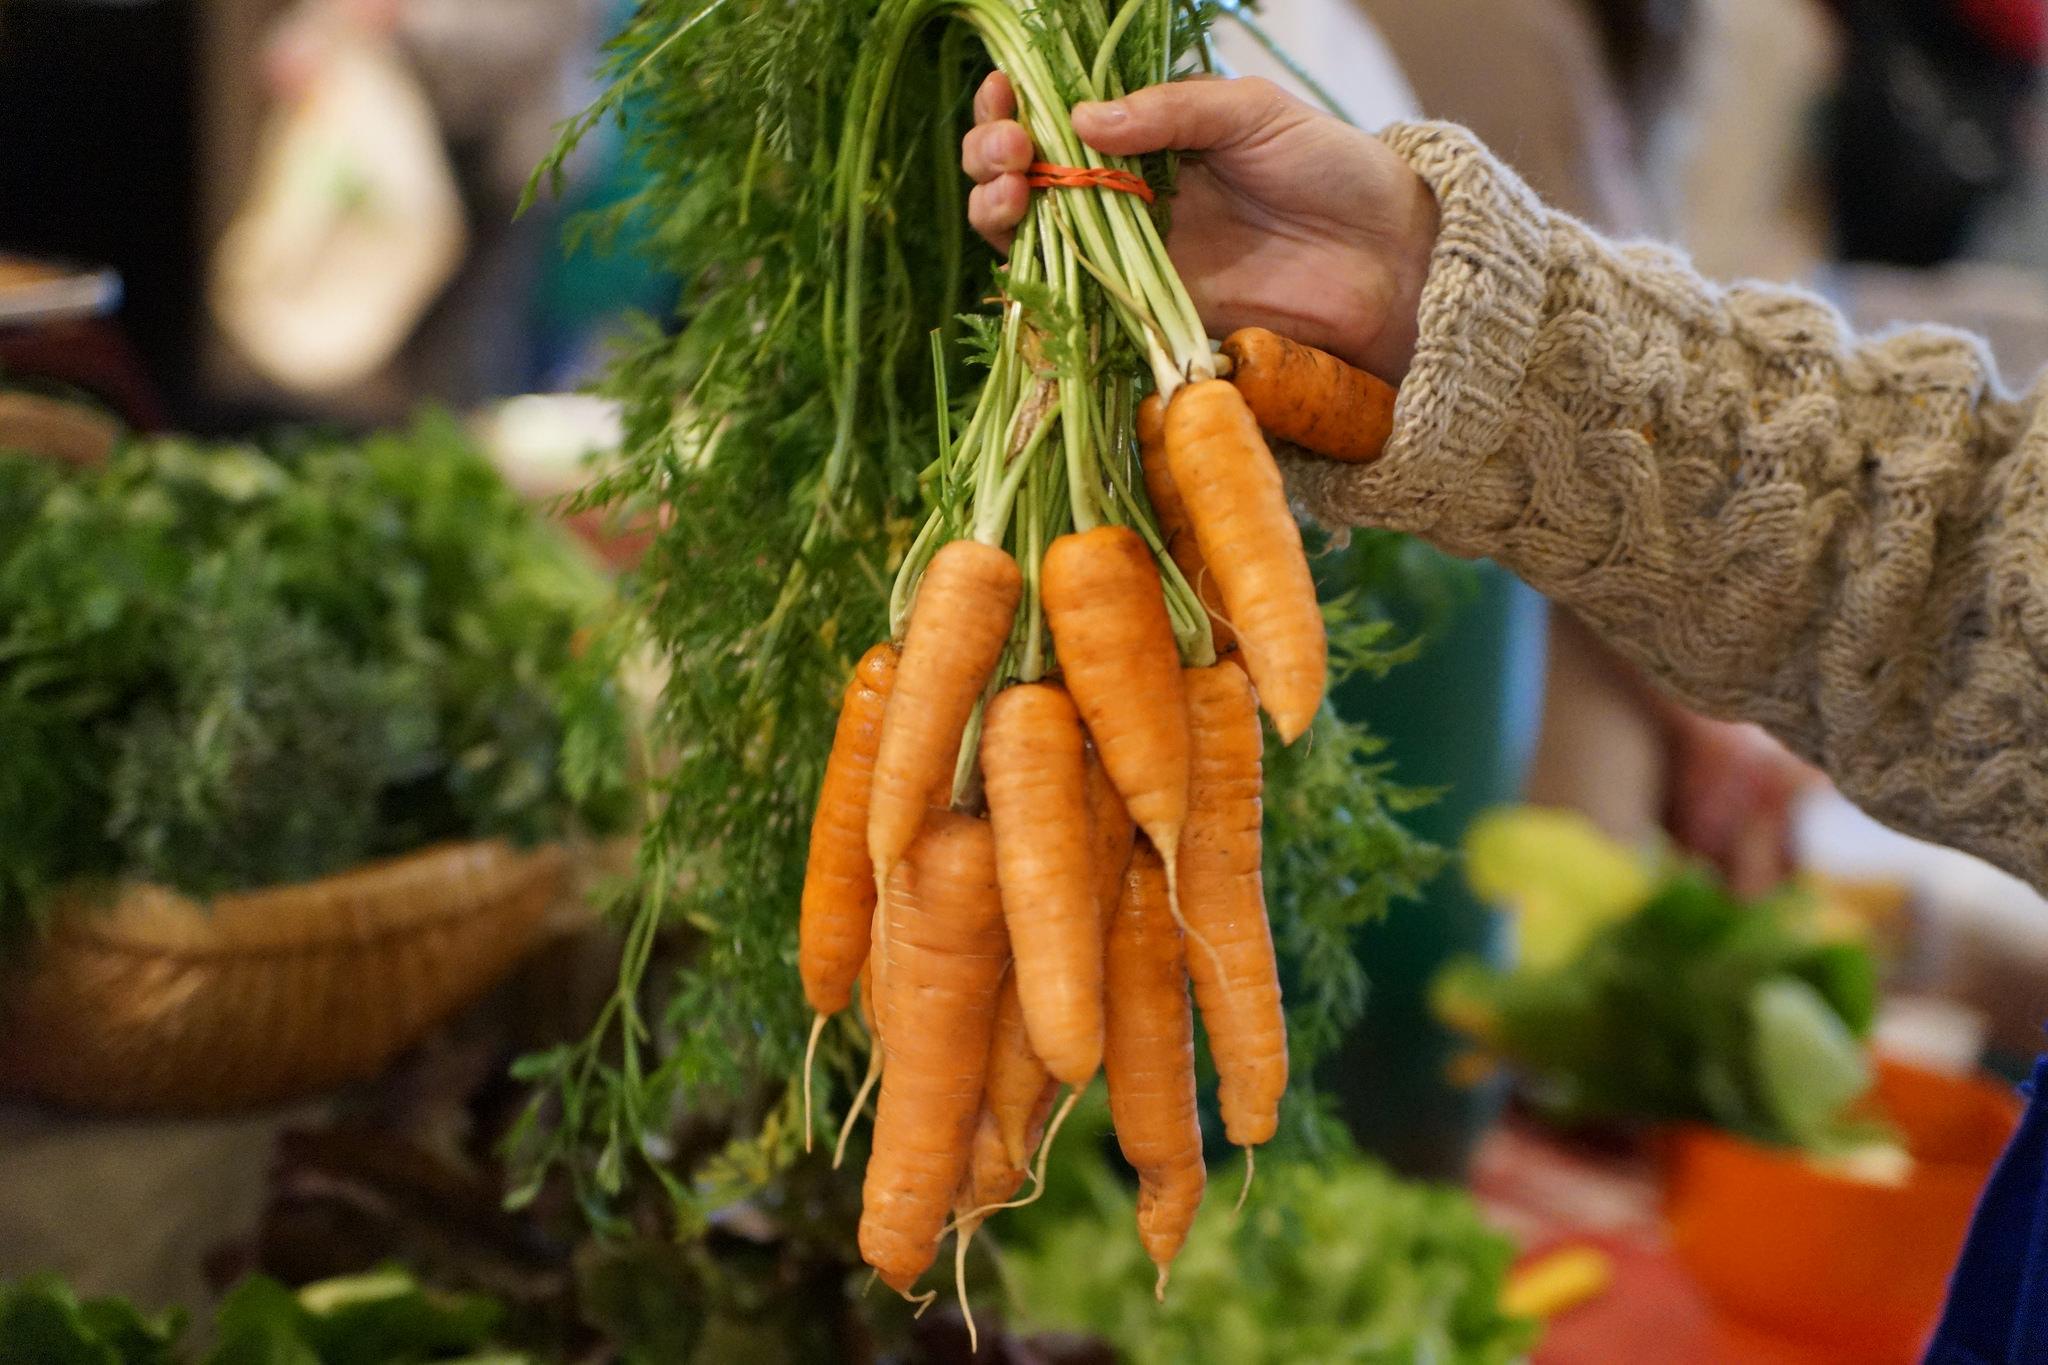 carrots-in-hand-indoor-winter.jpg